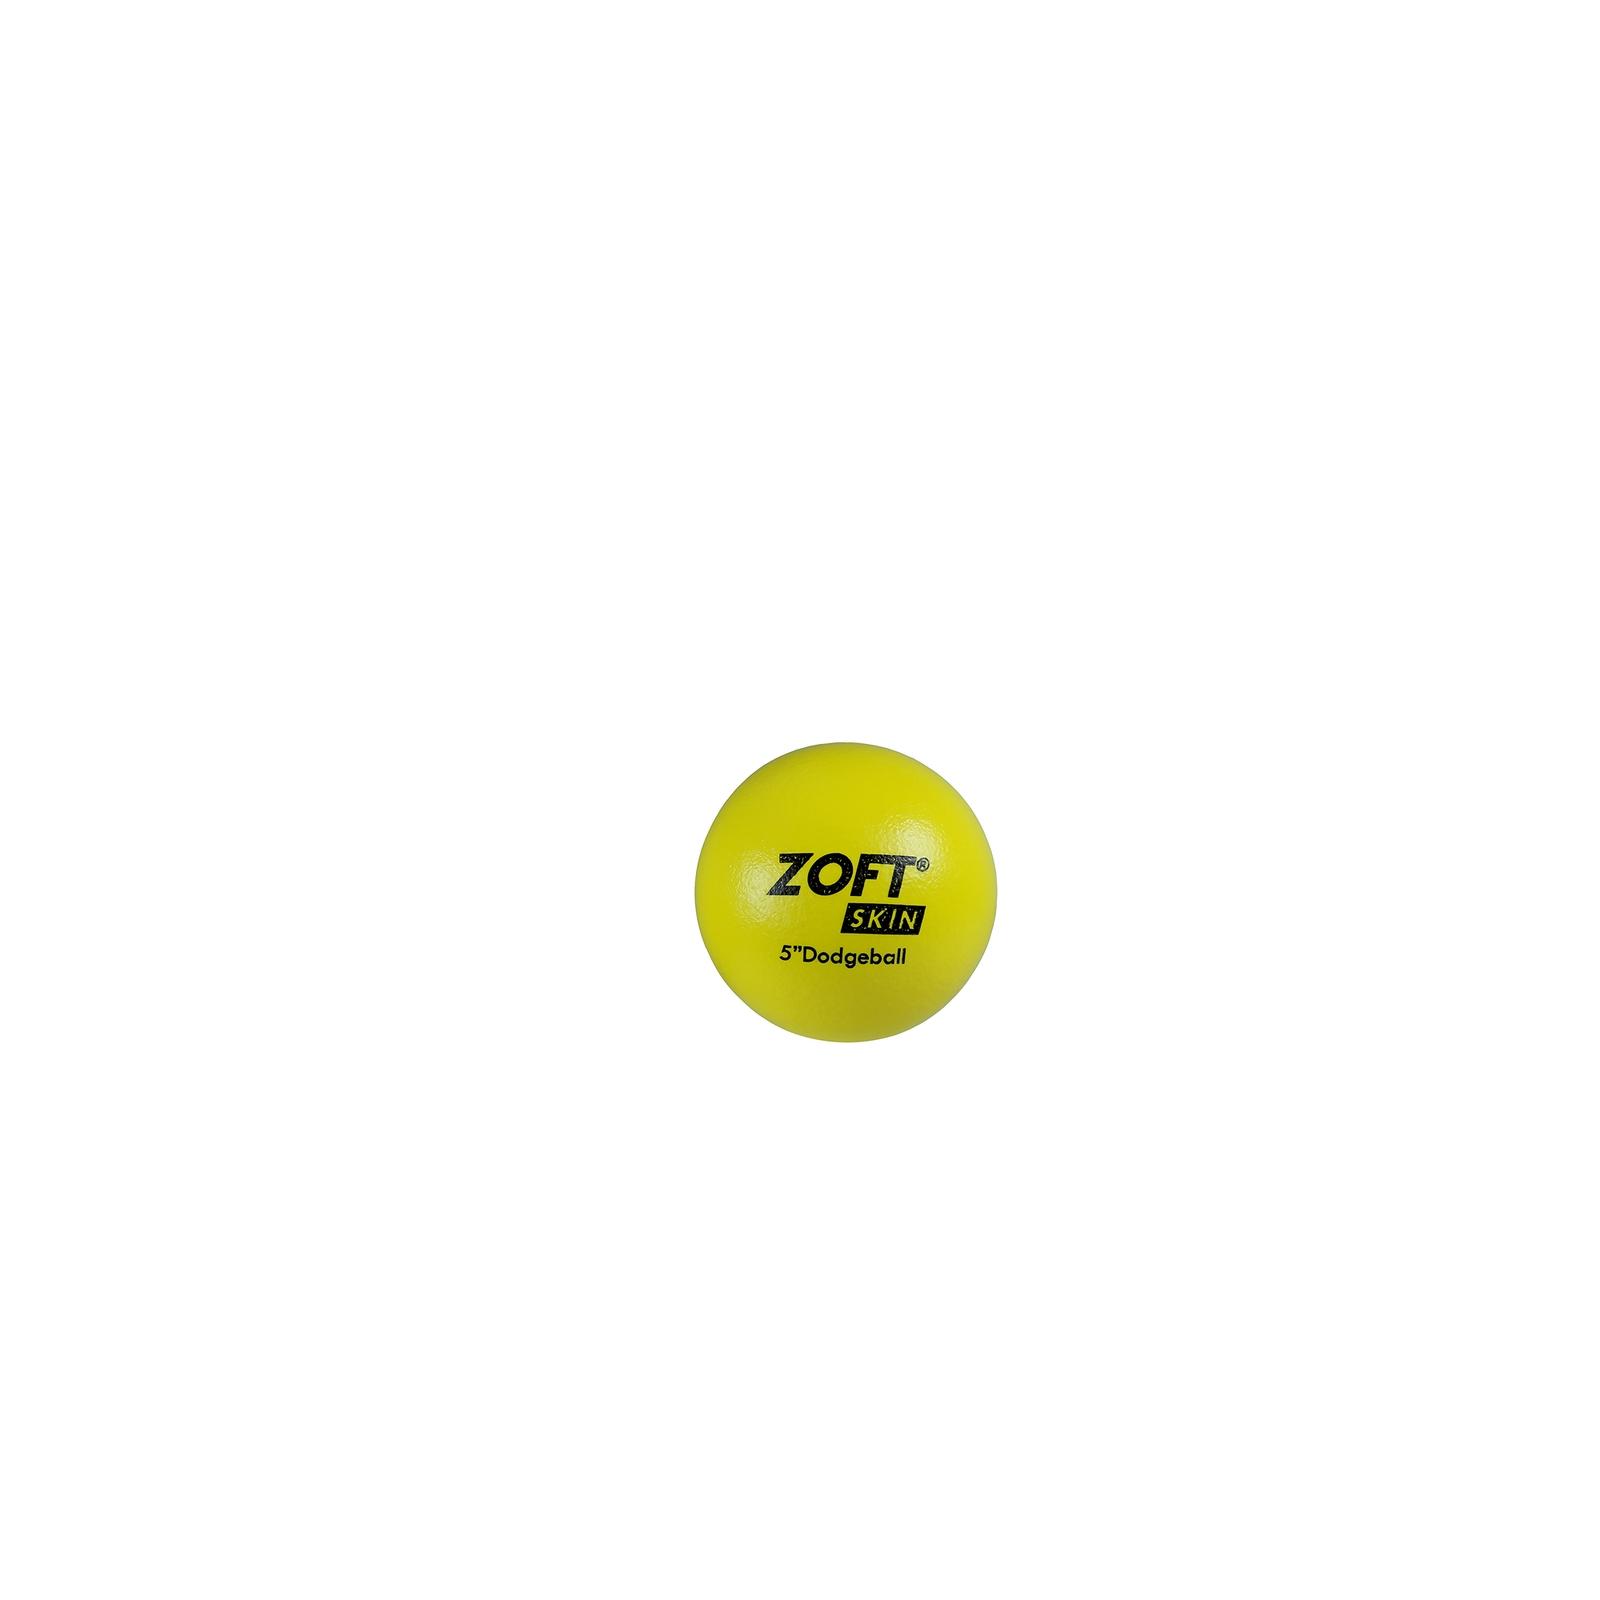 Zoftskin Dodgeball - Size 5 - Yellow